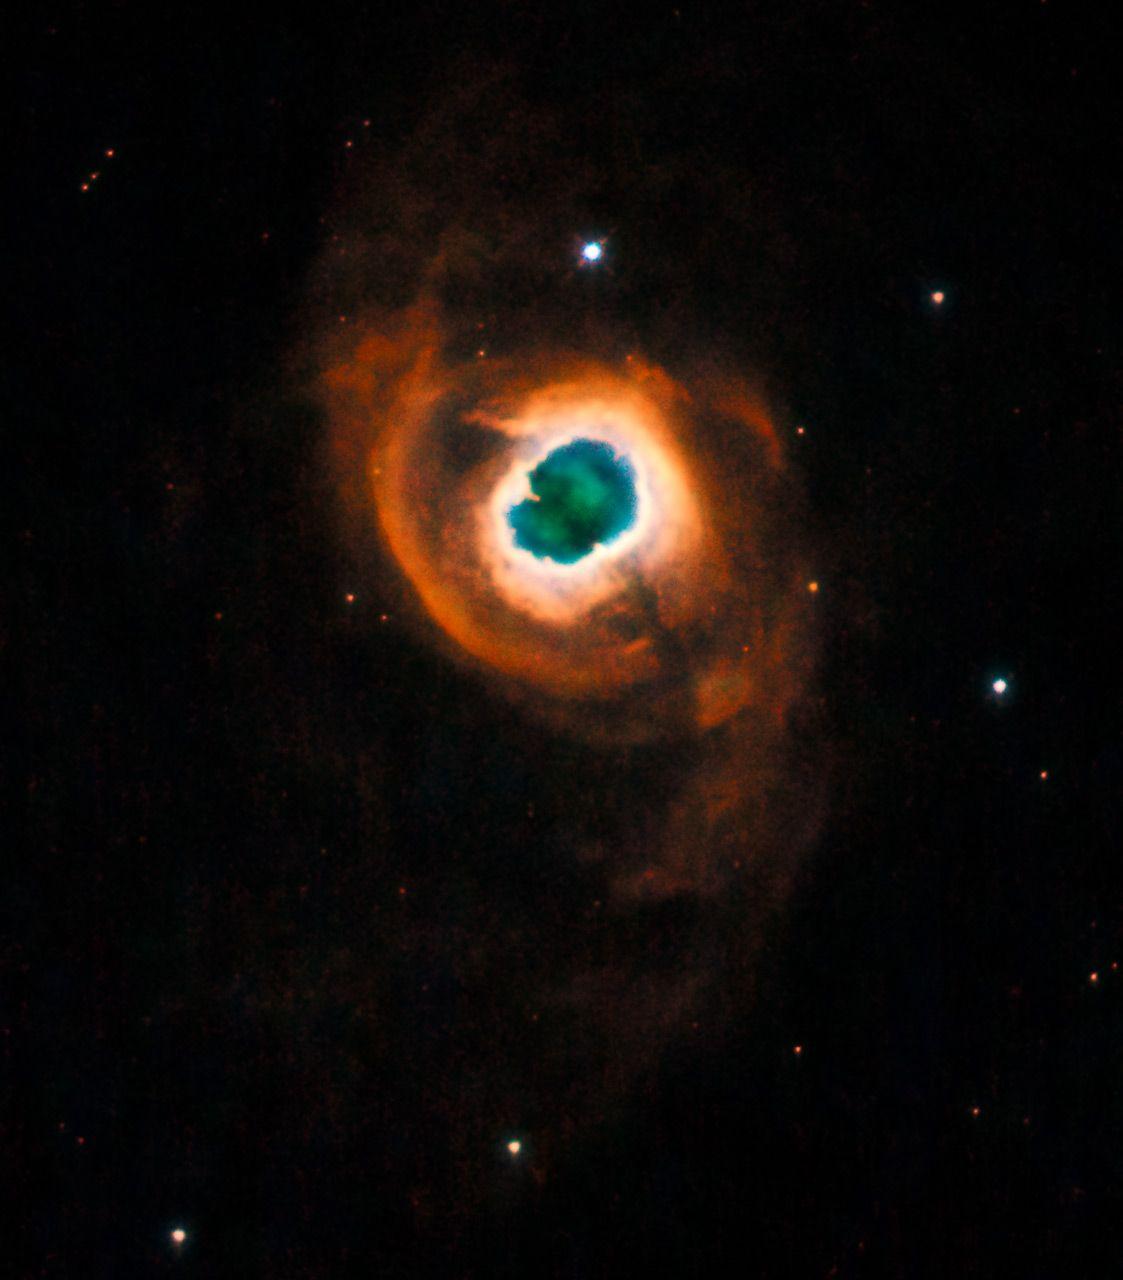 Planetary Nebula K 4 55 It Looks Like Another World